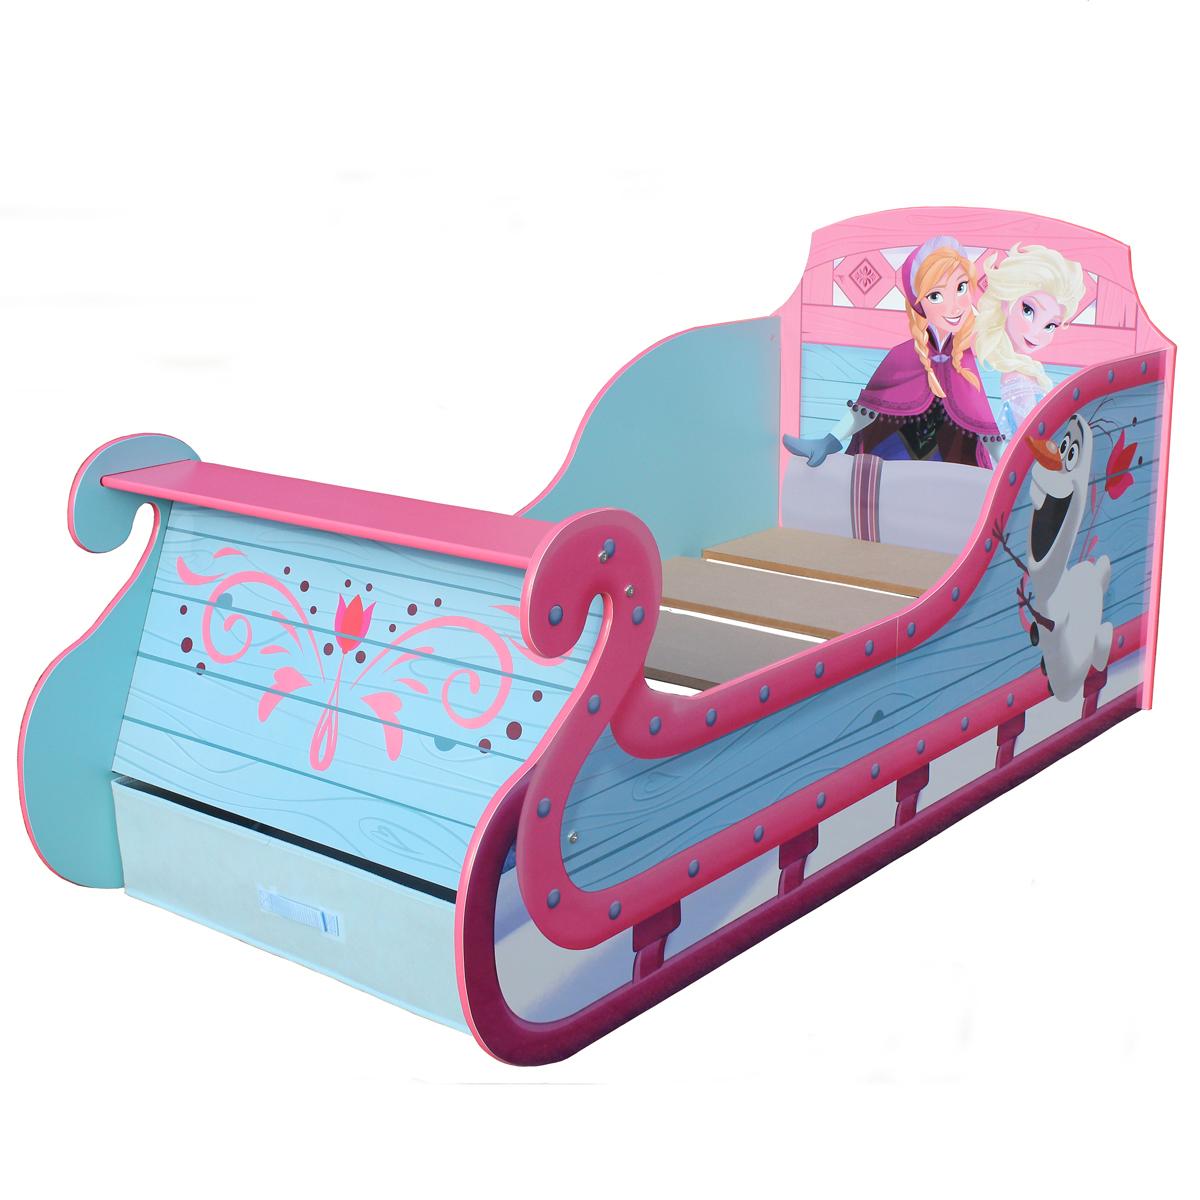 Full Size of Bett Mit Schreibtisch Home Affaire 100x200 140 Betten De Bonprix Schlicht Günstiges Minimalistisch Komplett Luxus Günstige 180x200 Paidi Bett Cars Bett